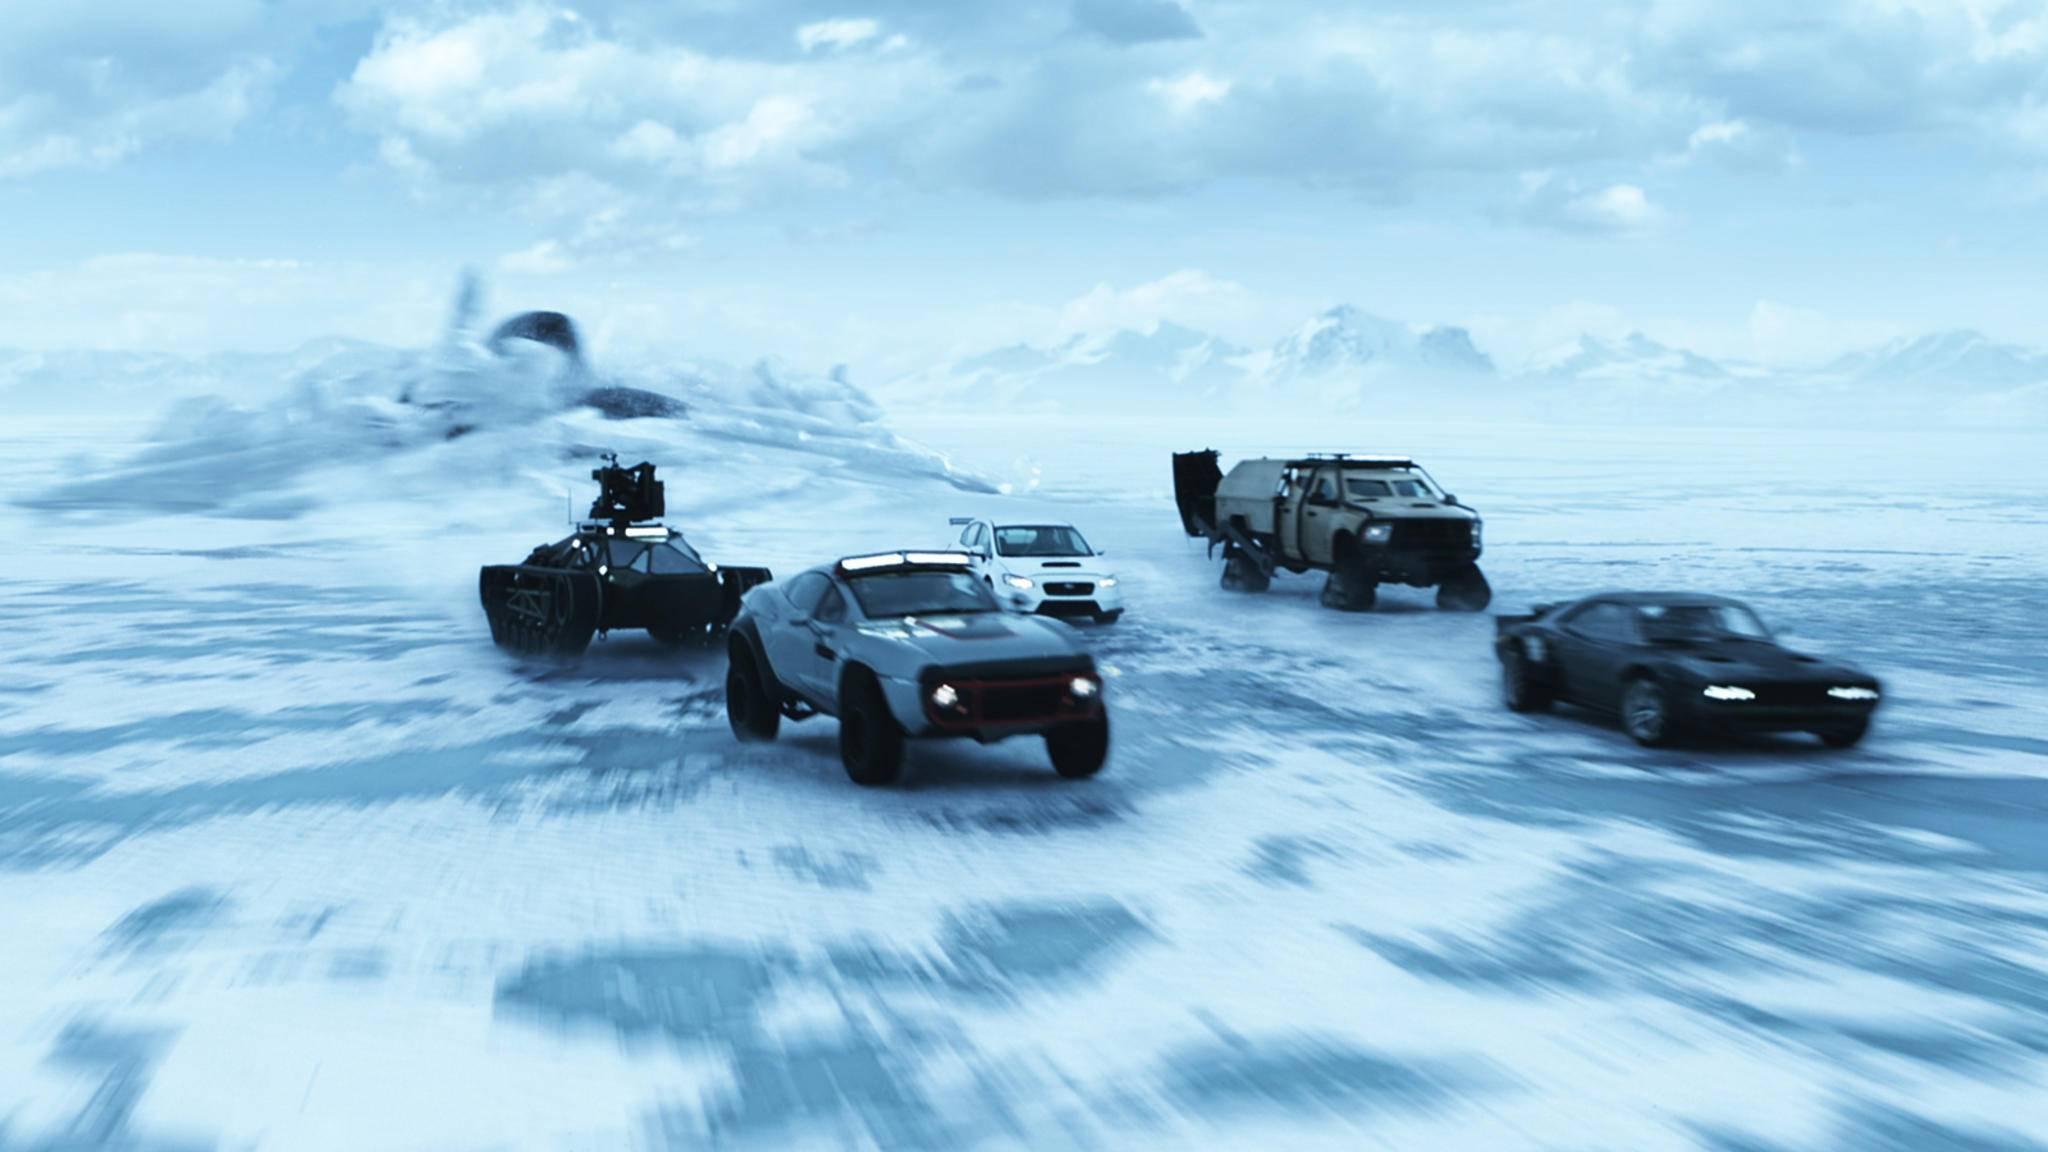 """Kein Ende in Sicht: """"Fast & Furious 8"""" rast auf die Top 10 der erfolgreichsten Filme aller Zeiten zu."""